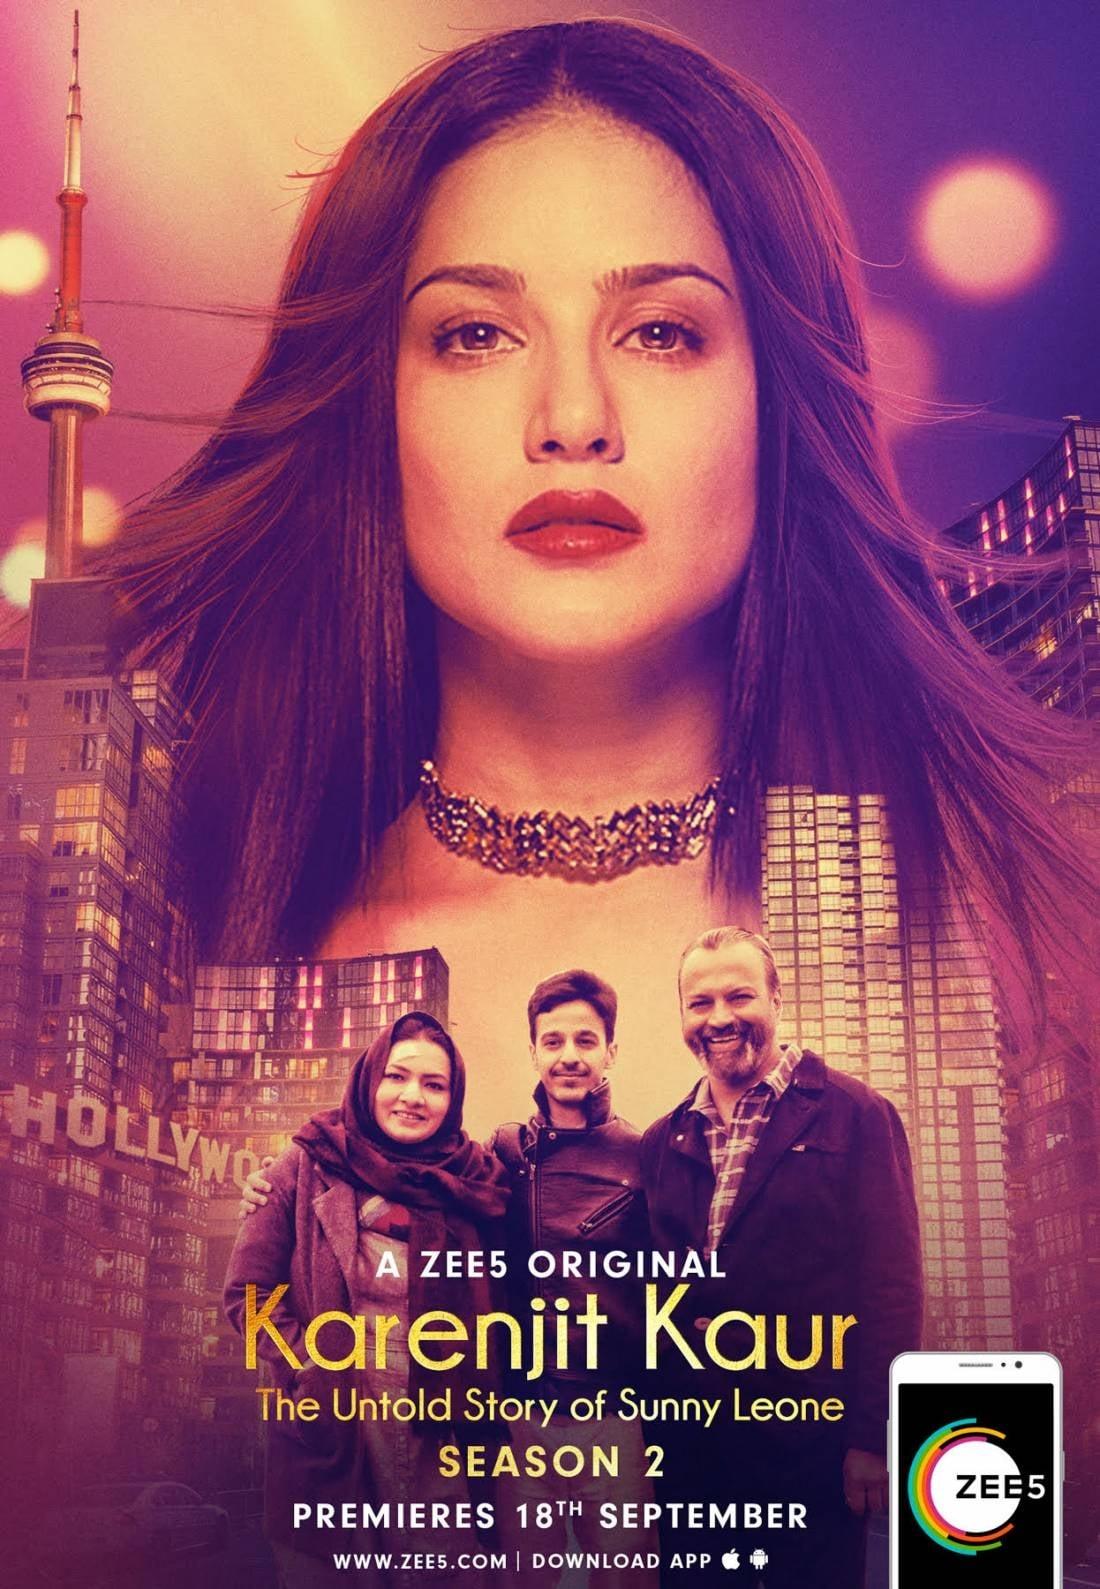 Karenjit Kaur Season 2